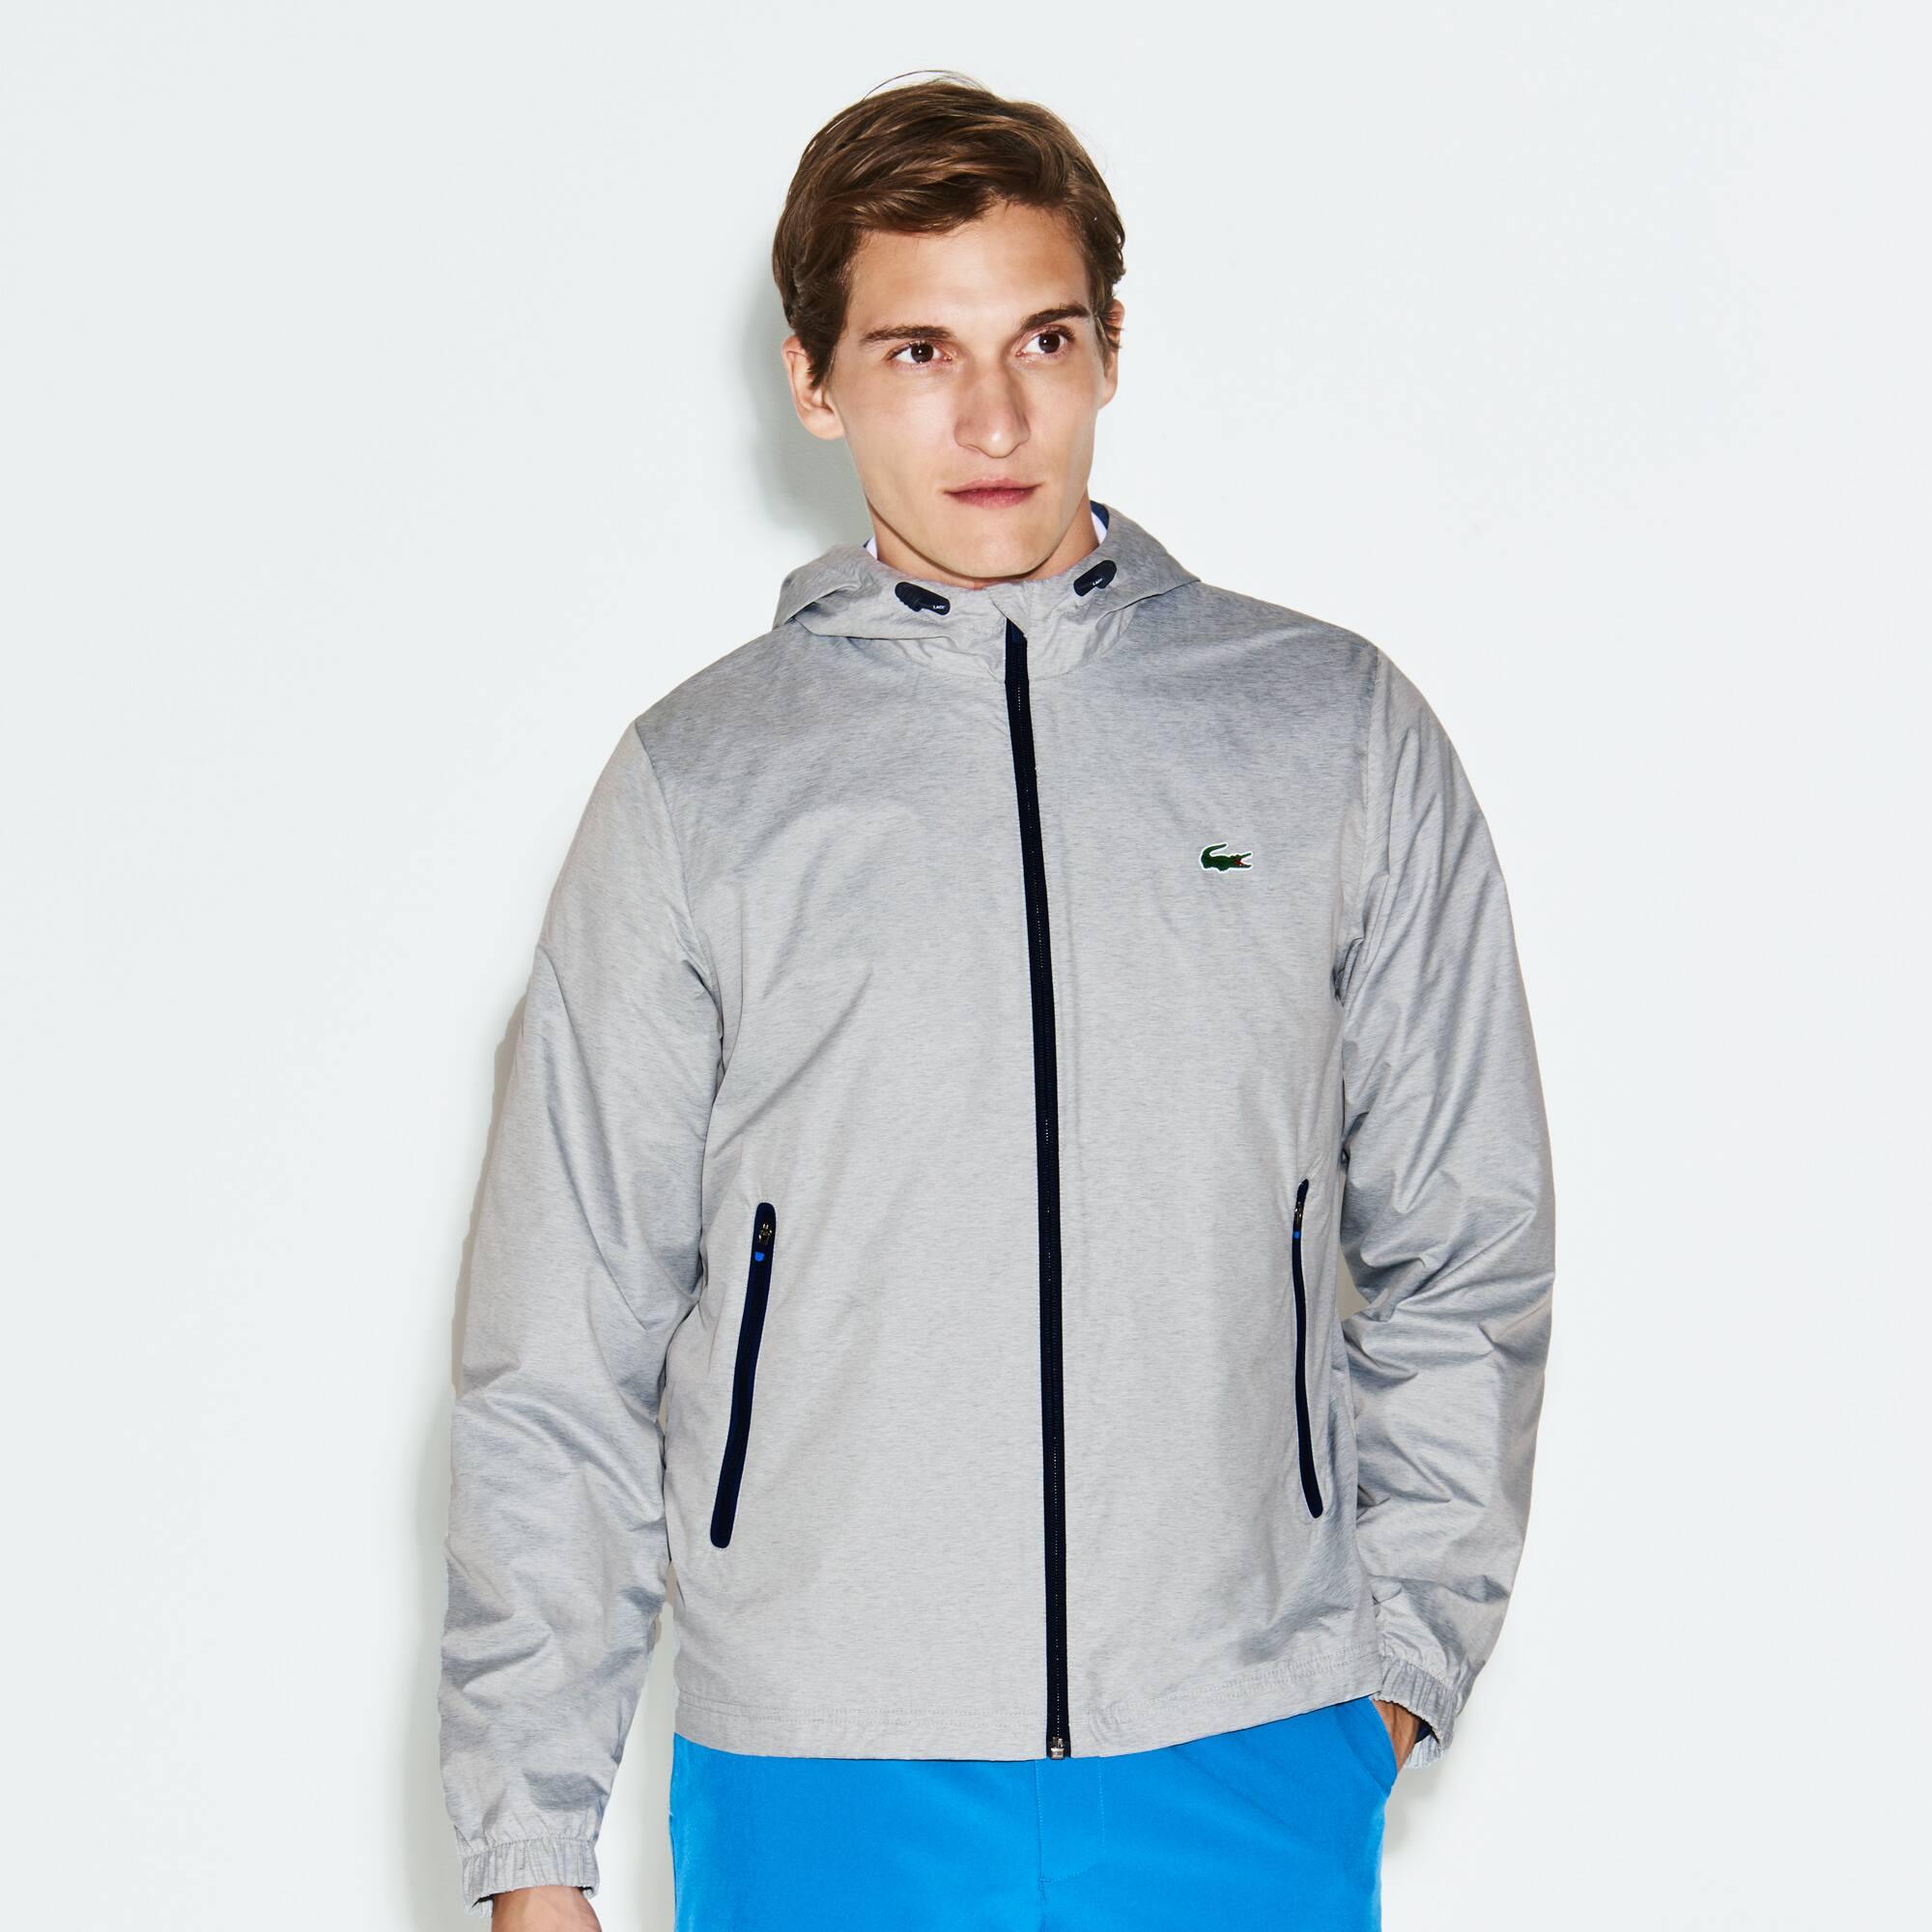 Herren LACOSTE SPORT metallische Golf-Jacke aus Funktionstaft